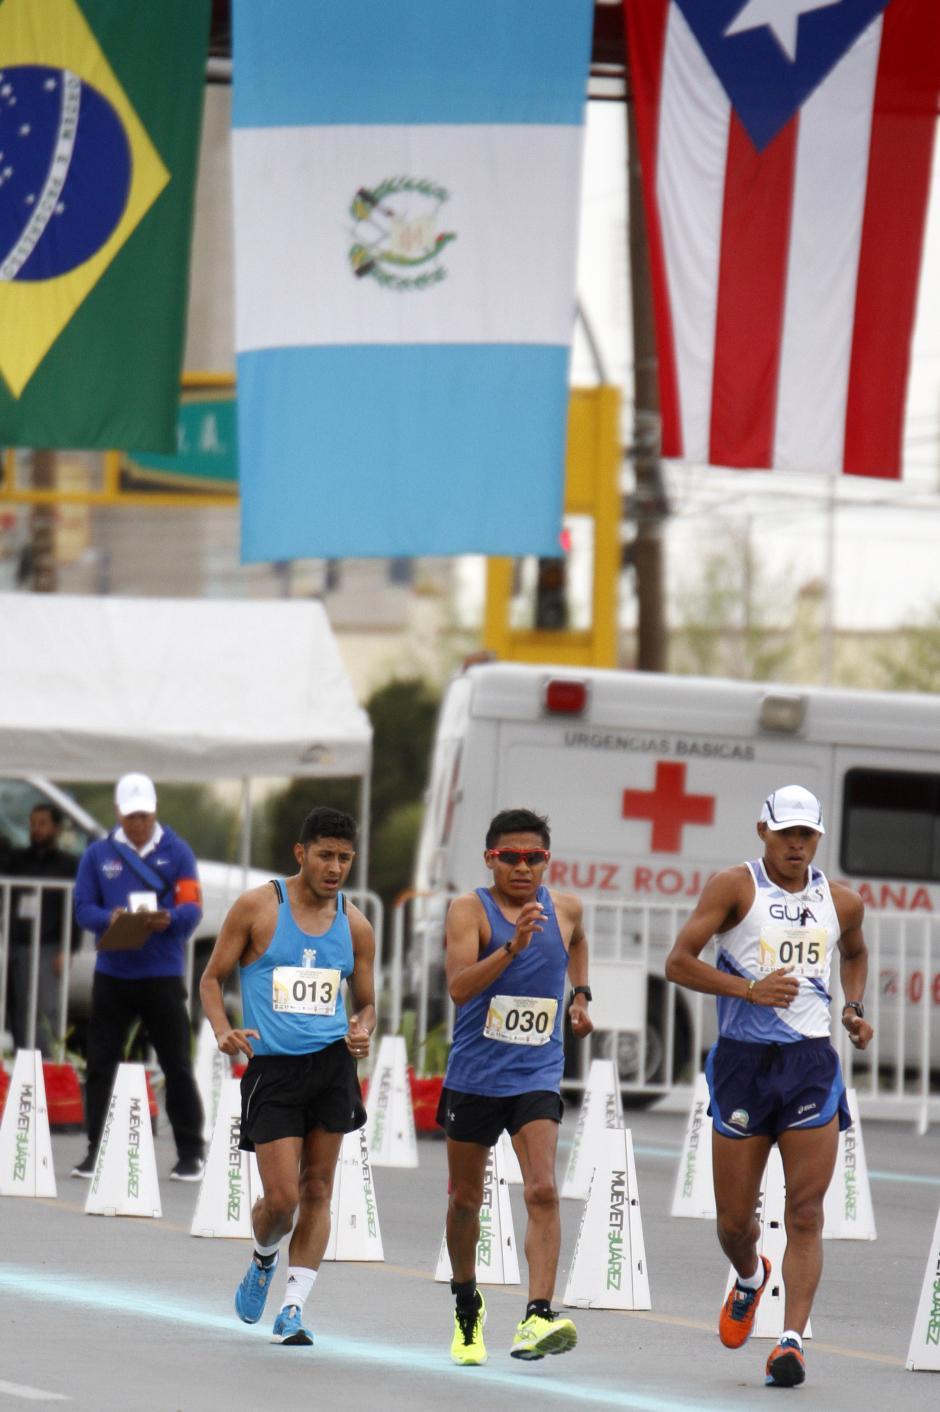 Guatemala tiene ocho marcas en marcha para los Juegos Olímpicos de Río 2016. (Foto: Federación Nacional de Atletismo)